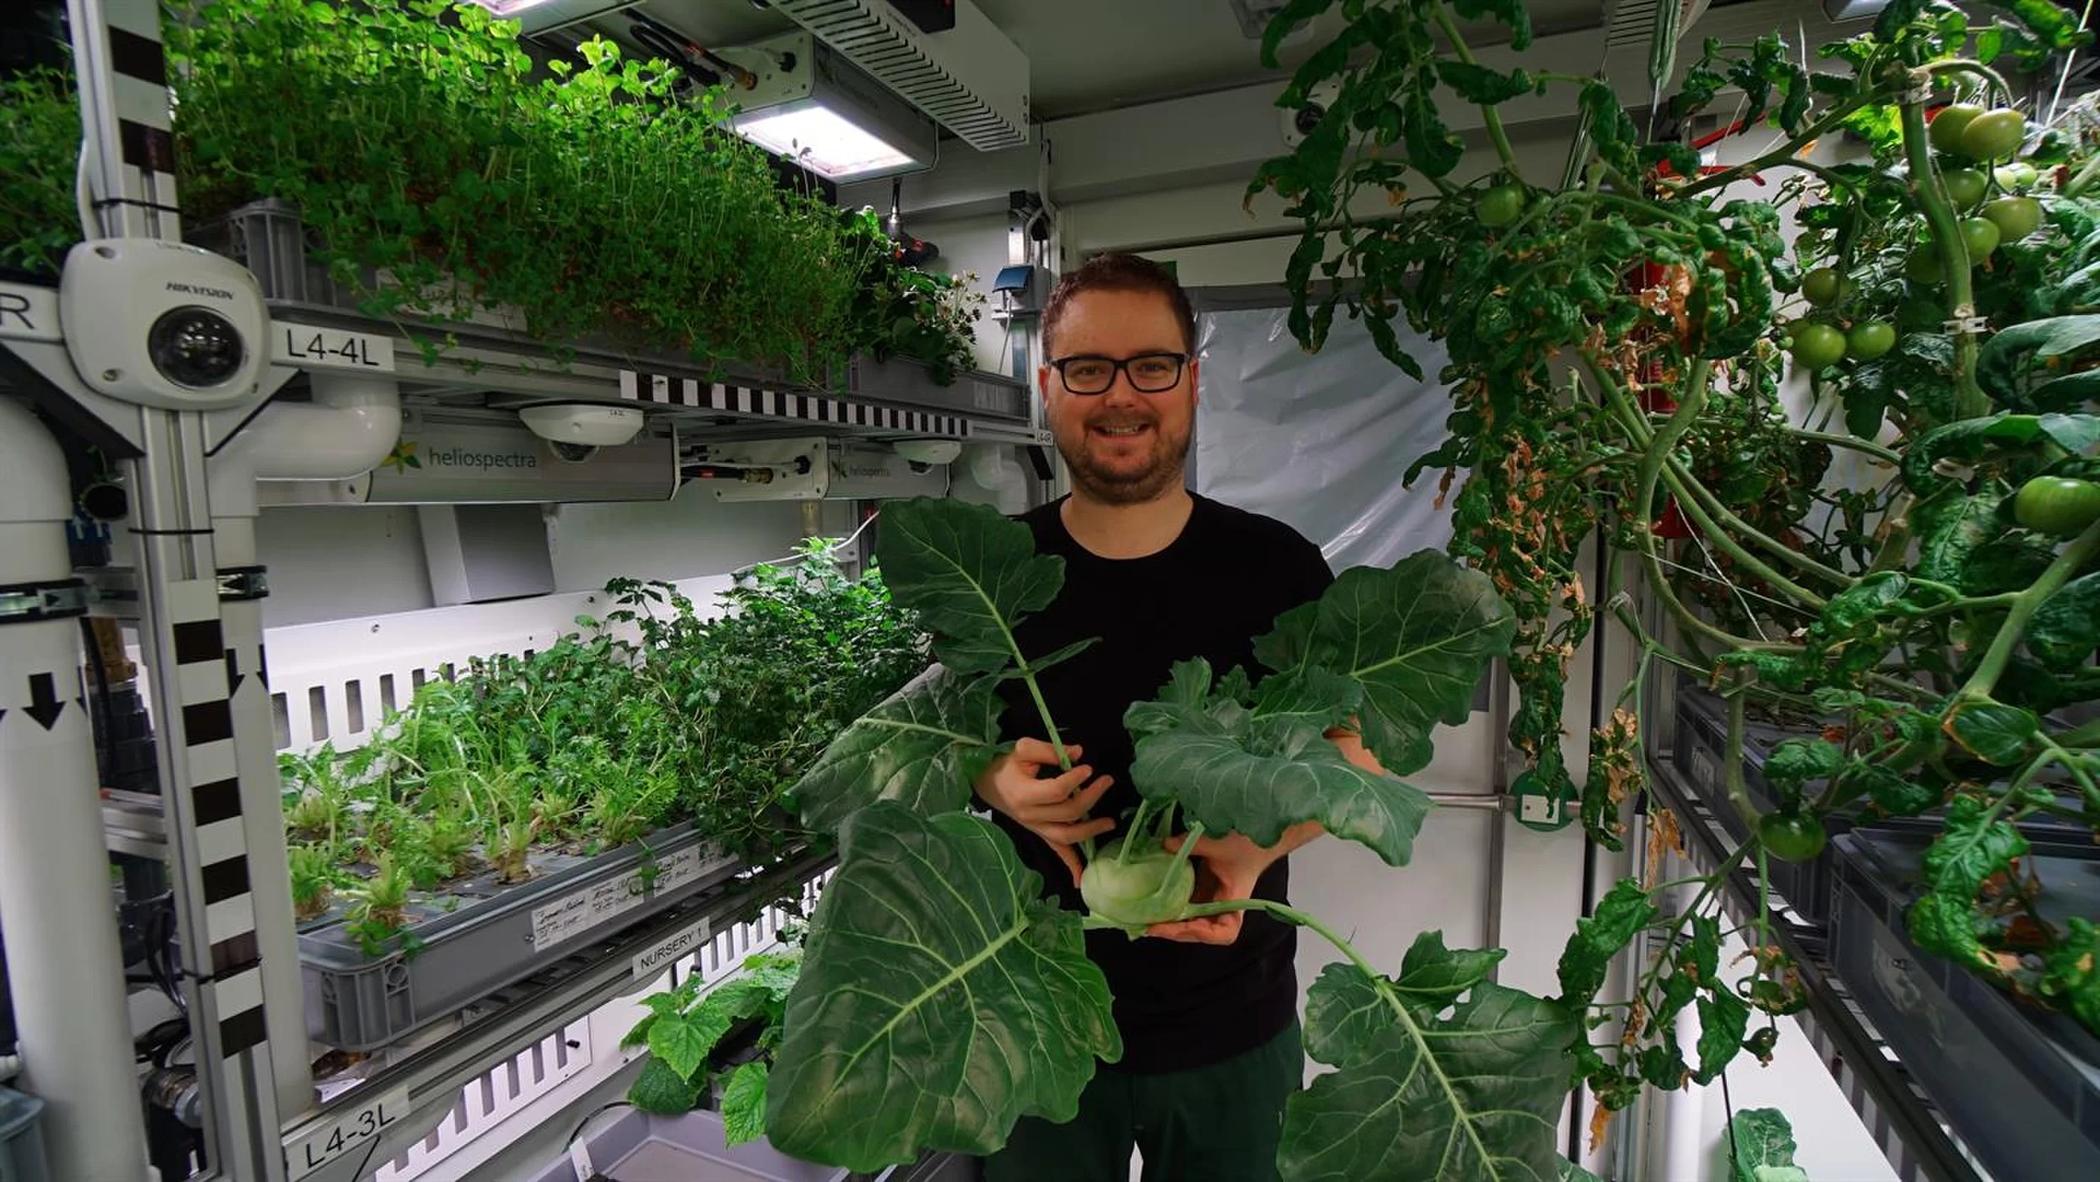 未来火星人类不用愁. 温室可种植新鲜农作物